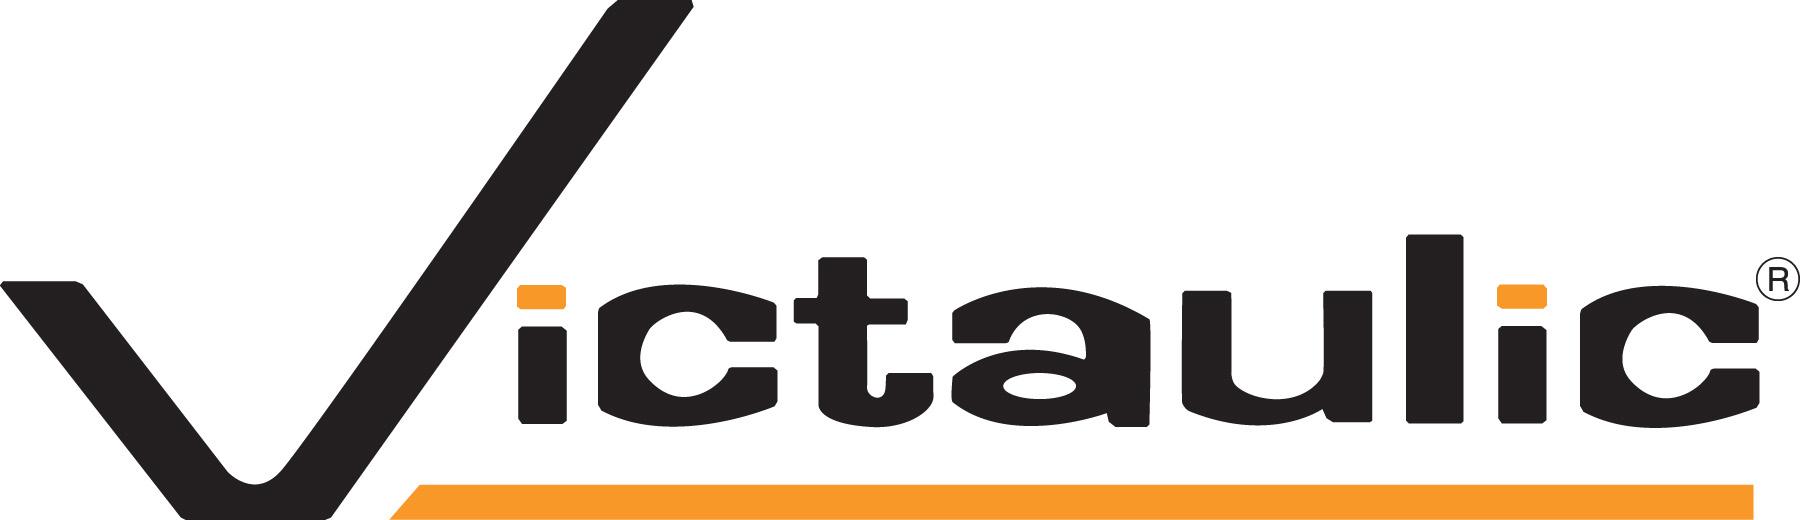 Victaulic - Logo - jpeg